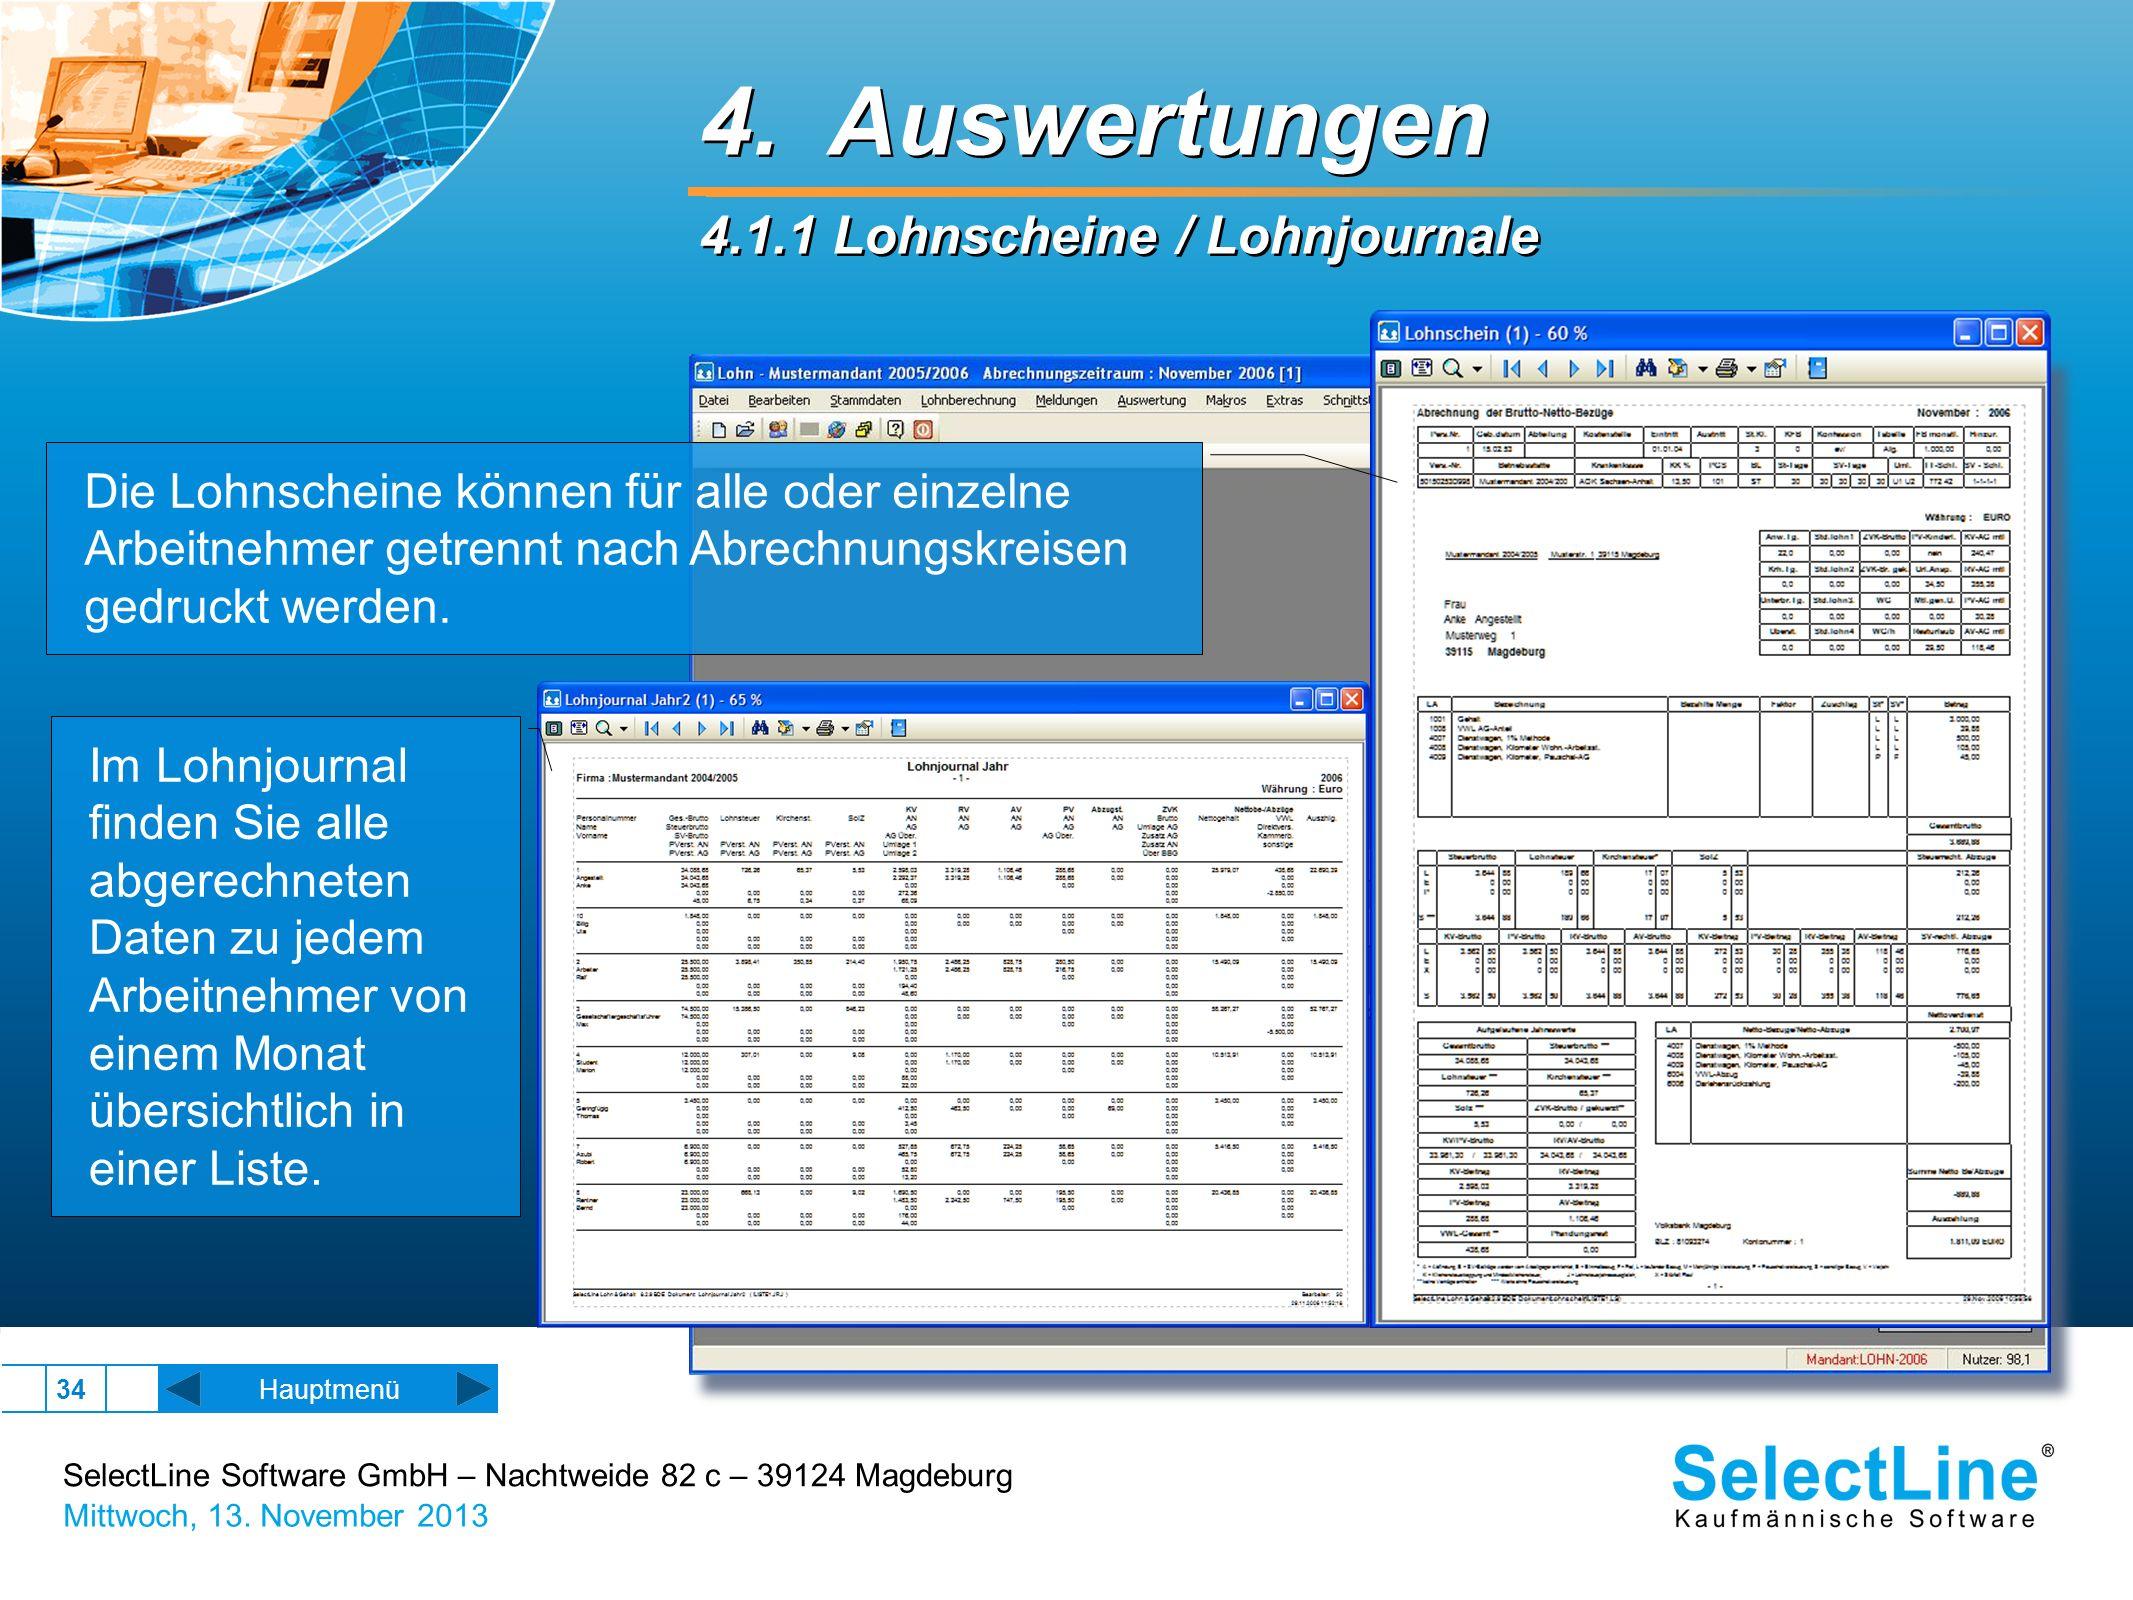 SelectLine Software GmbH – Nachtweide 82 c – 39124 Magdeburg Mittwoch, 13. November 2013 34 Hauptmenü 4. Auswertungen 4.1.1 Lohnscheine / Lohnjournale